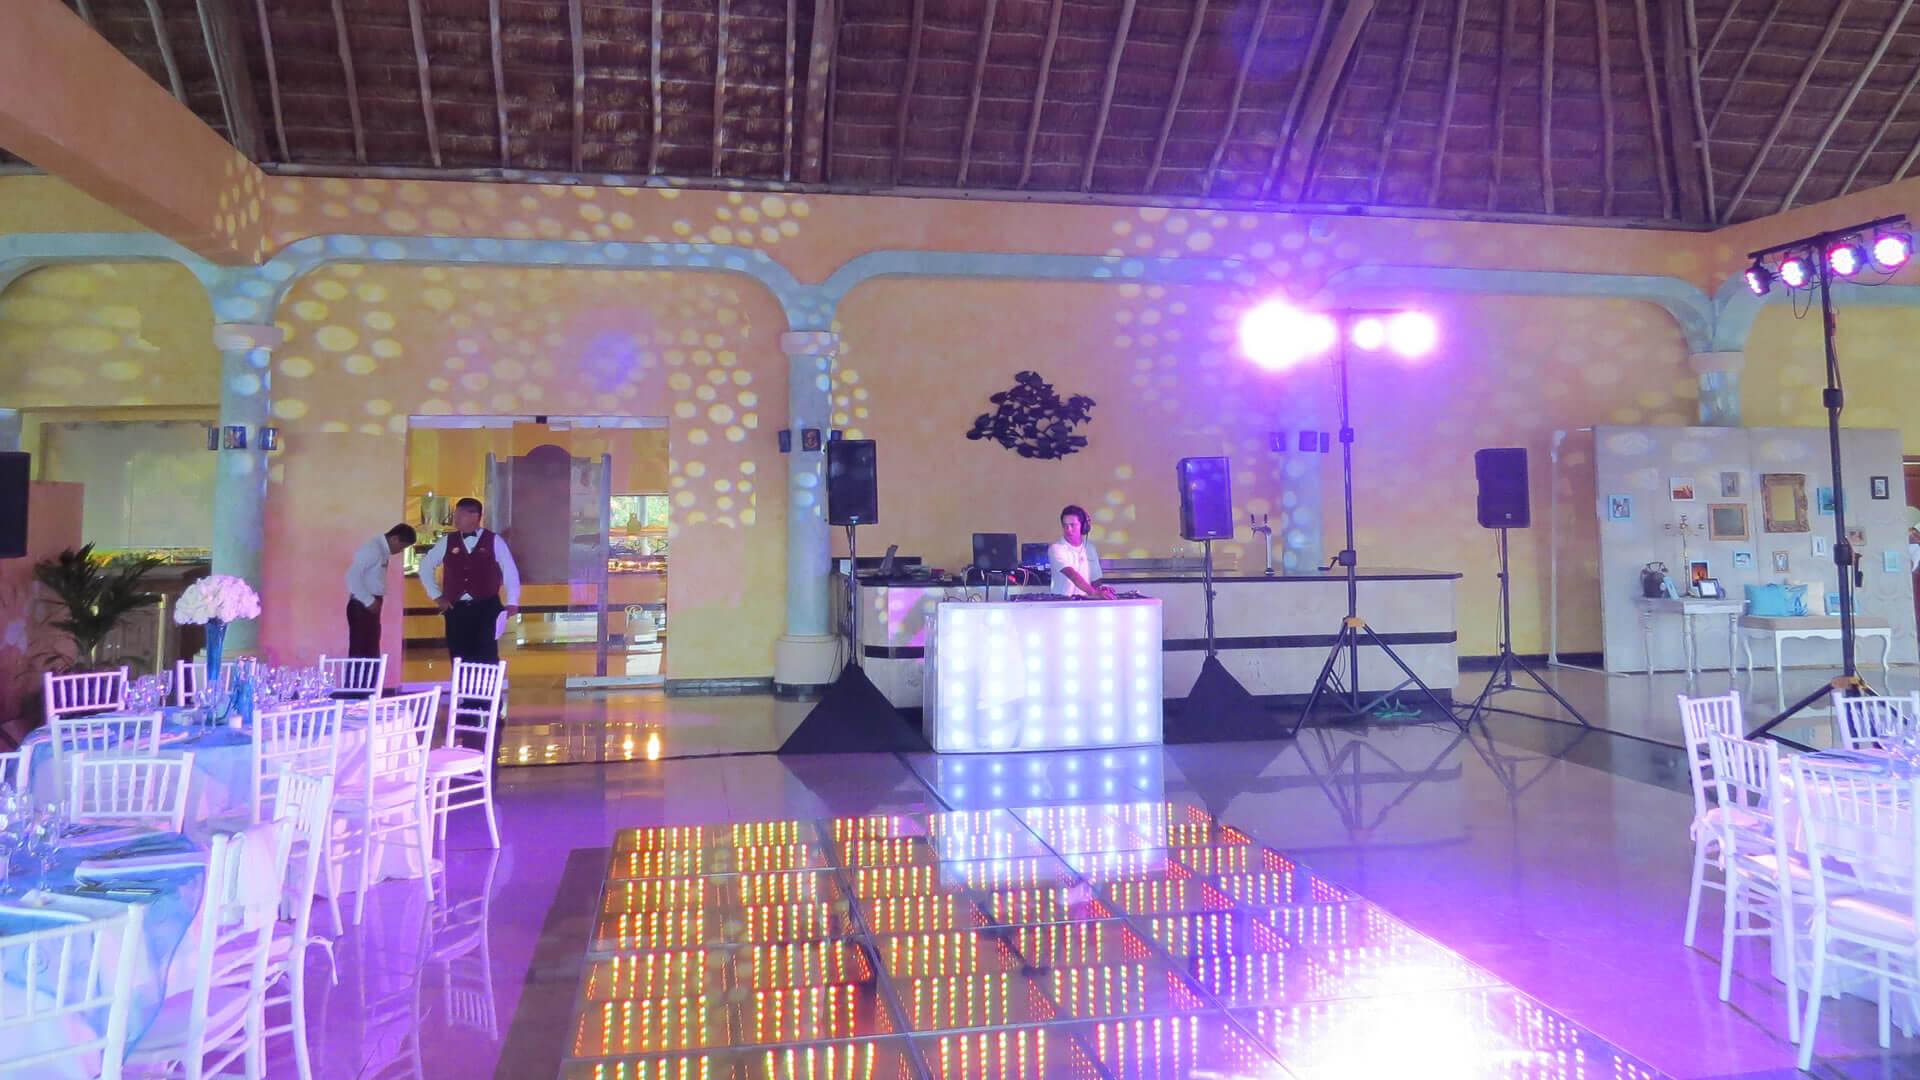 Uno Audio Visual - Wedding DJs in the Riviera Maya